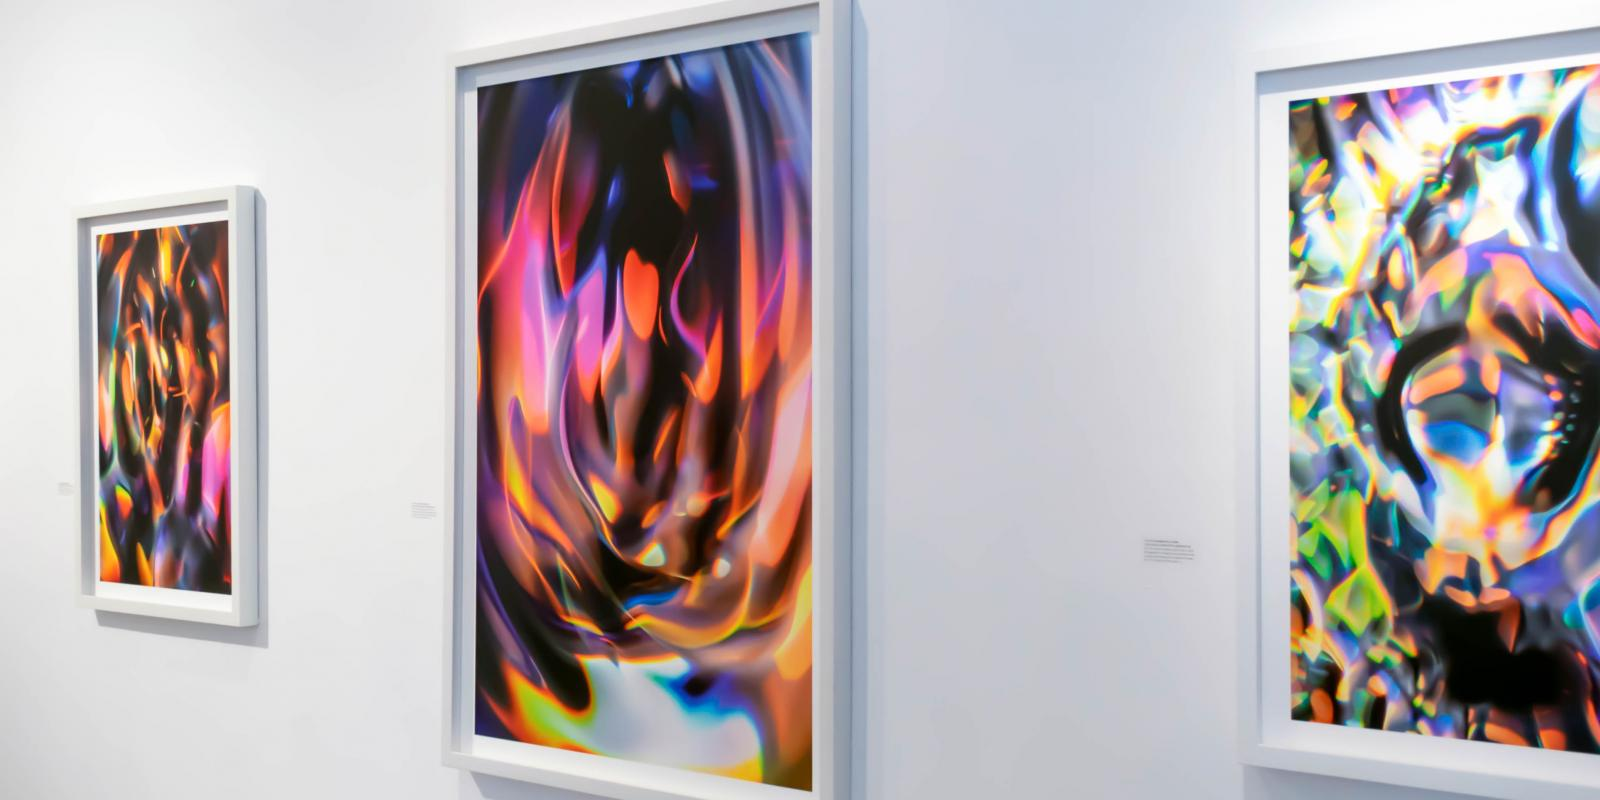 Sasha vom Dorp 15.15 Hz - 2018 Exhibition